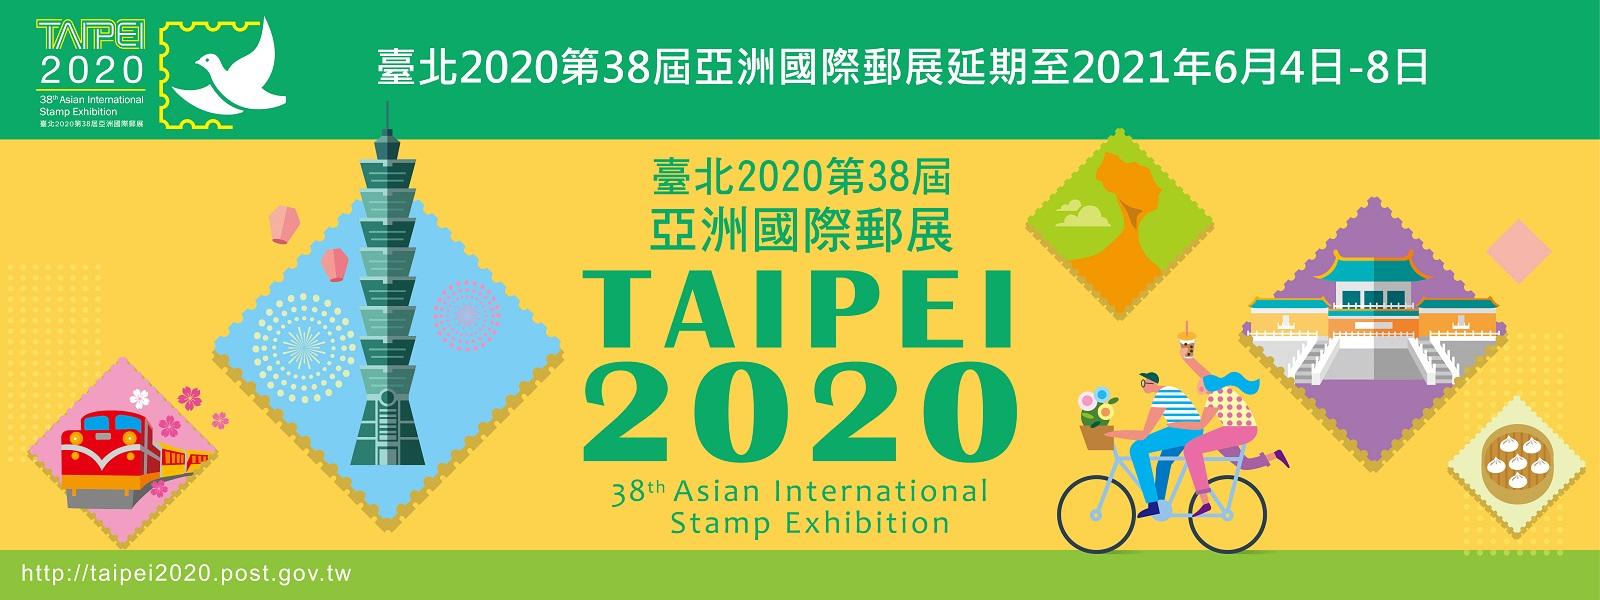 廣告連結:臺北2020第38屆亞洲國際郵展延期辦理